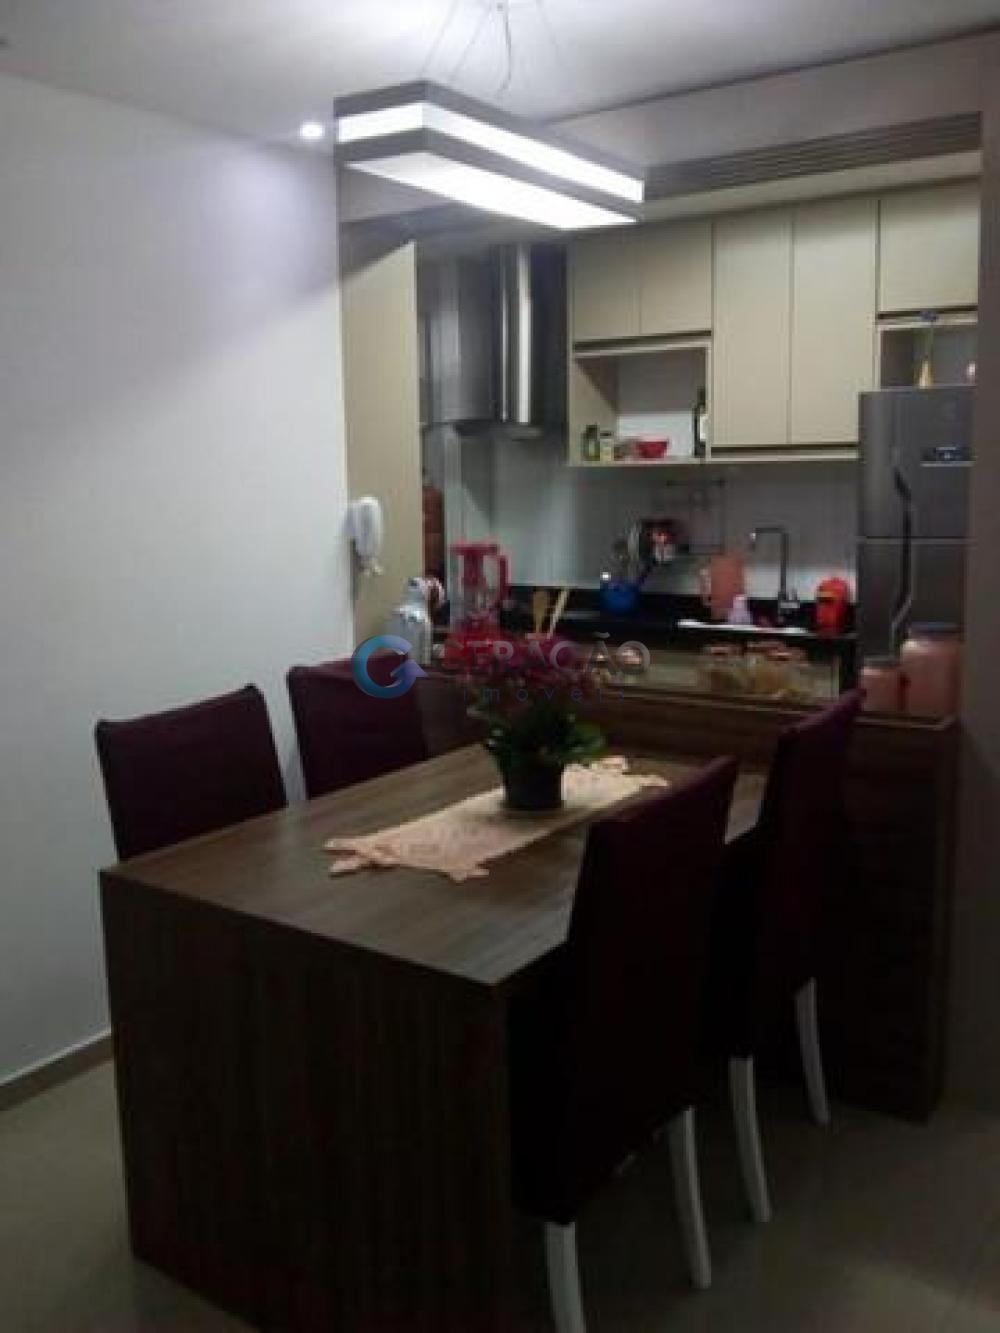 Comprar Apartamento / Padrão em São José dos Campos R$ 265.000,00 - Foto 2